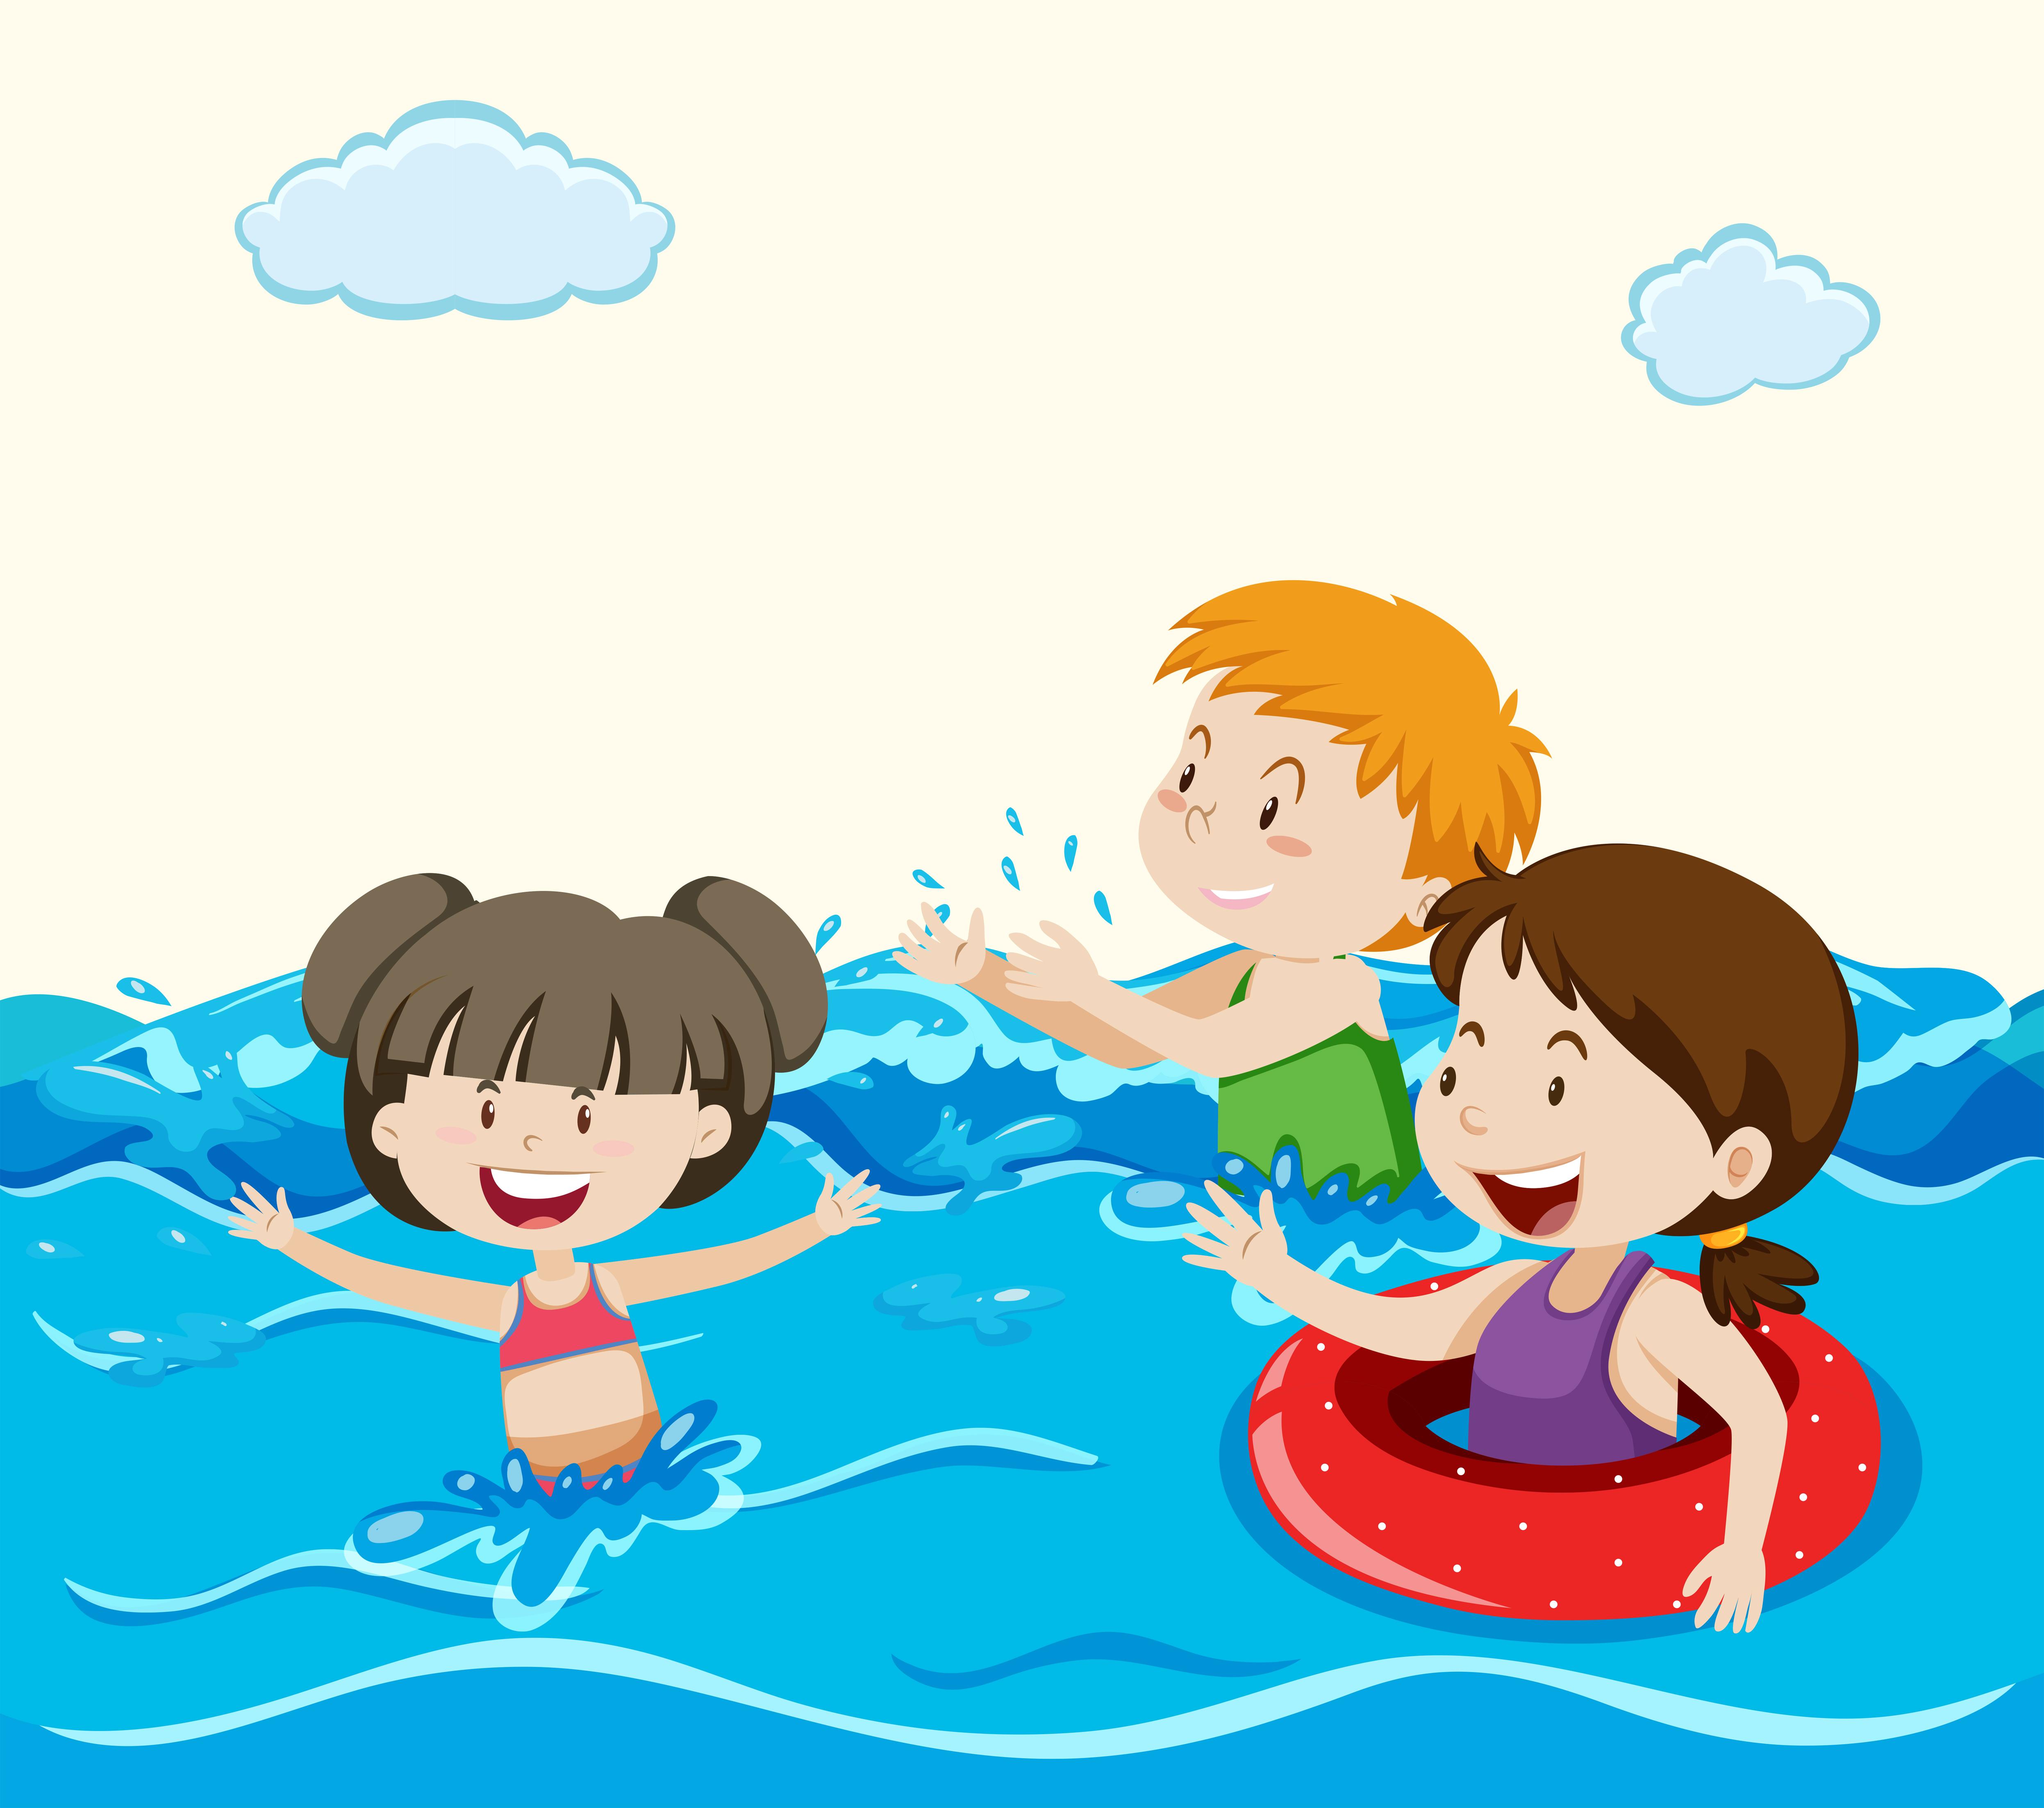 Foto Divertenti Bambini Al Mare i bambini che nuotano nel mare - scarica immagini vettoriali